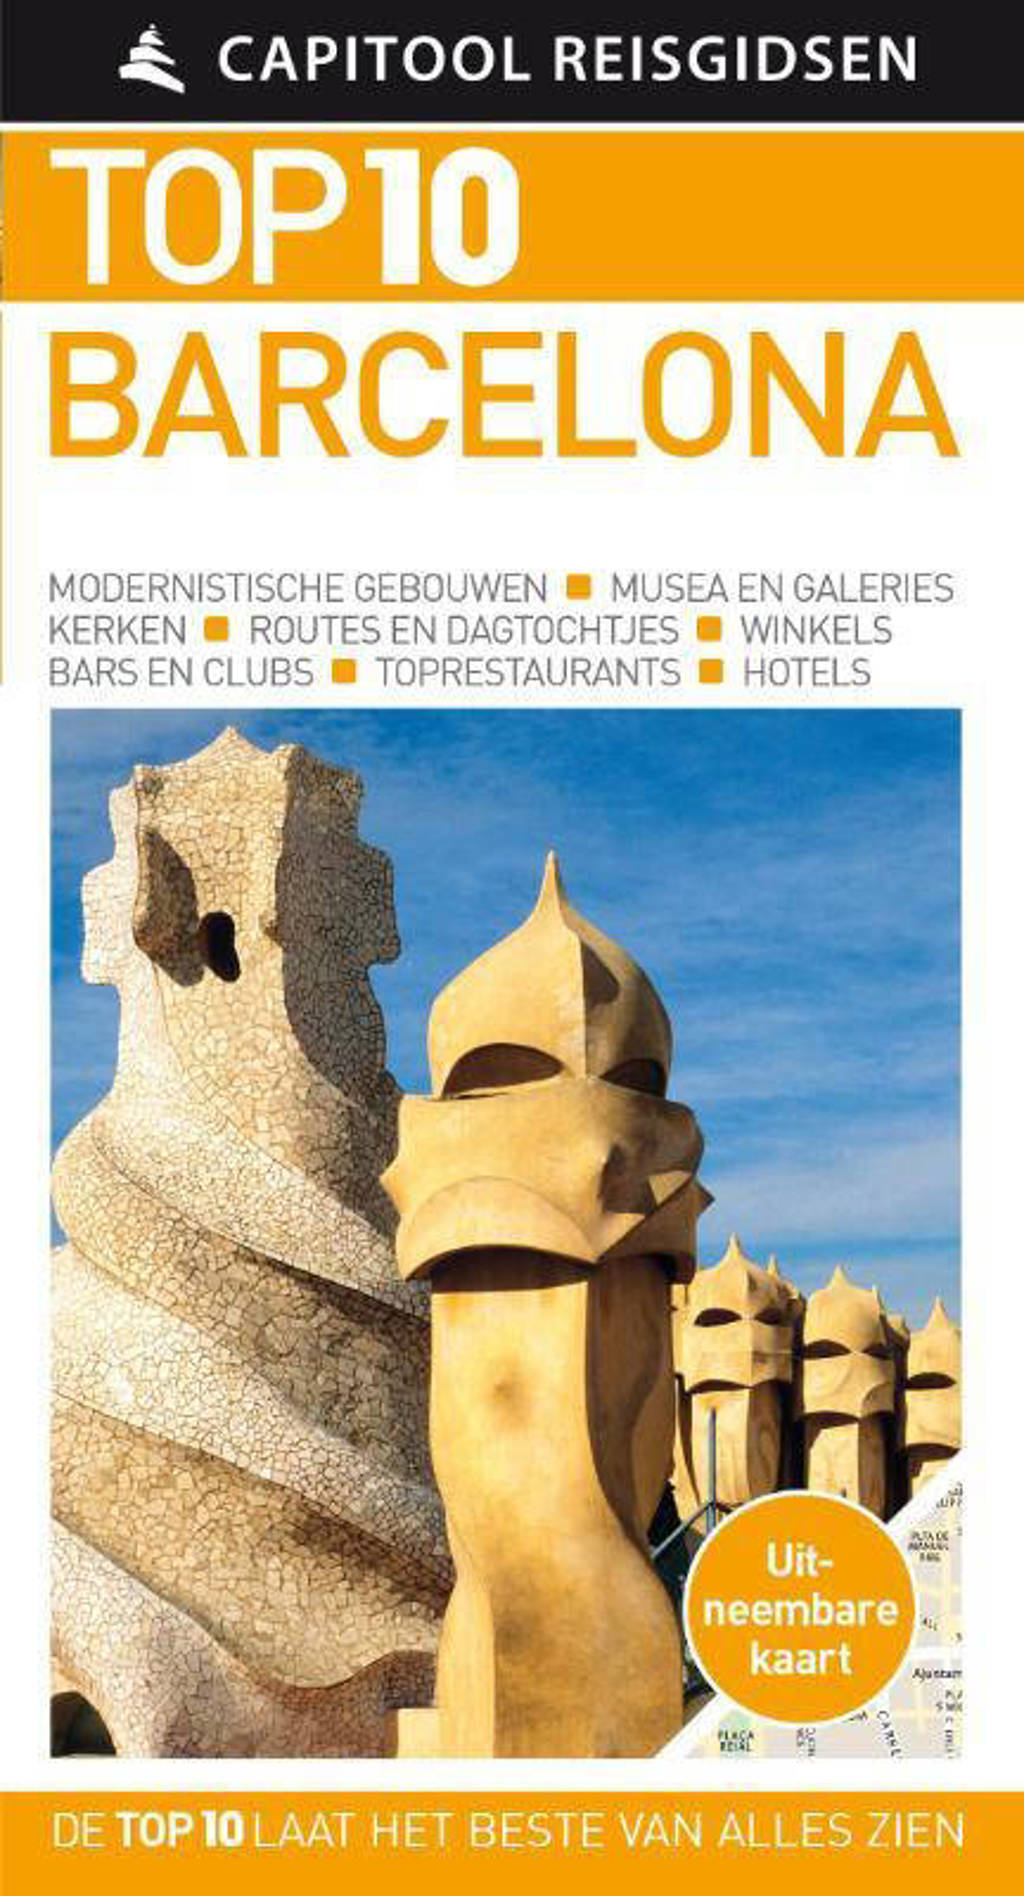 Capitool Reisgidsen Top 10: Barcelona - Capitool, Annelise Sorensen en Ryan Chandler